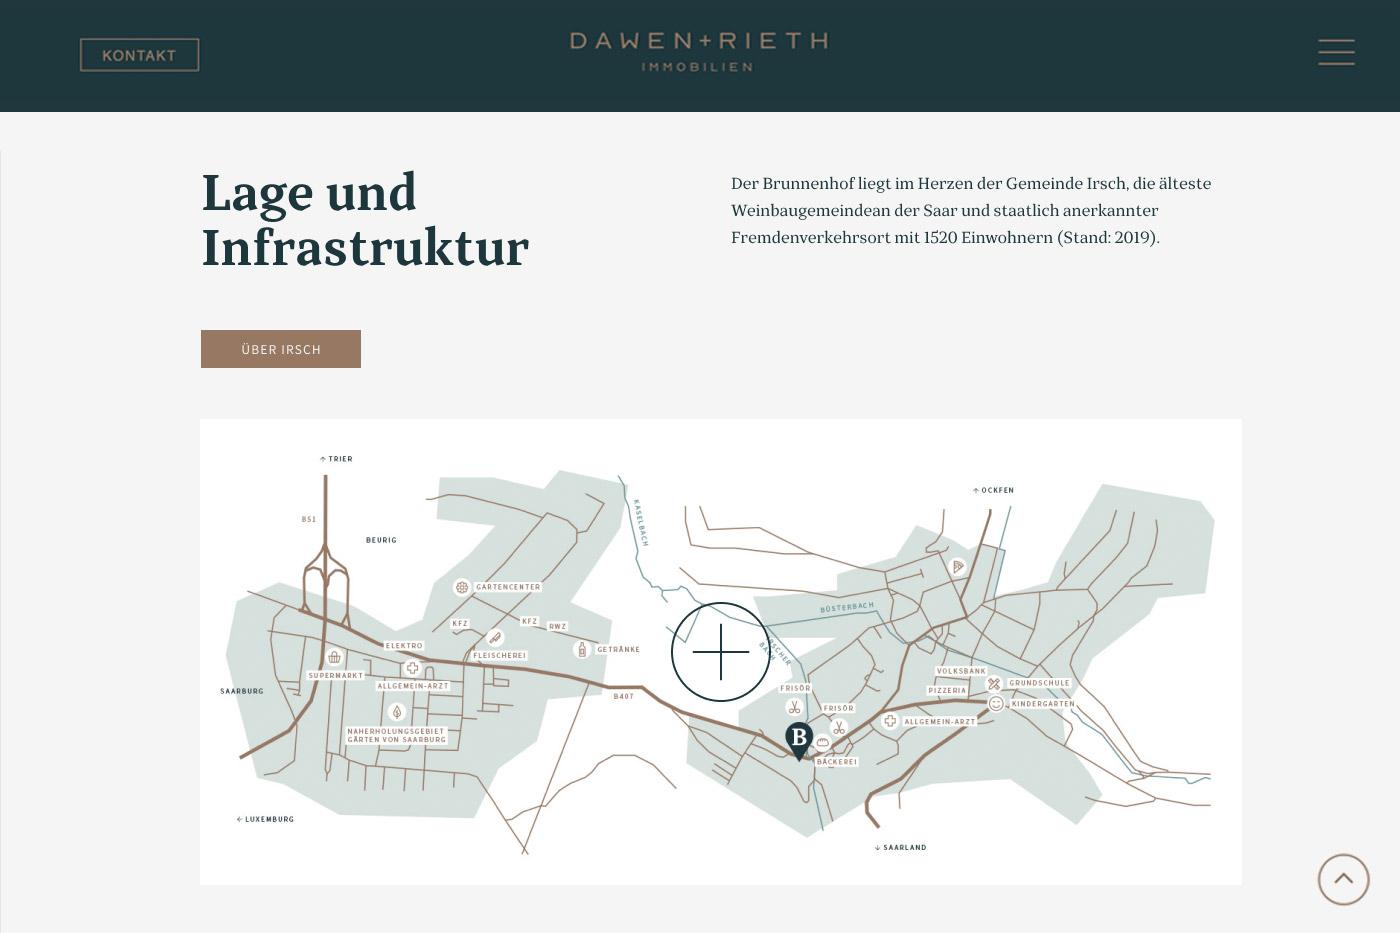 https://duktor.lu/wp-content/uploads/2021/05/duktor-projekt-dawen-rieth-corporate_design_30.jpg